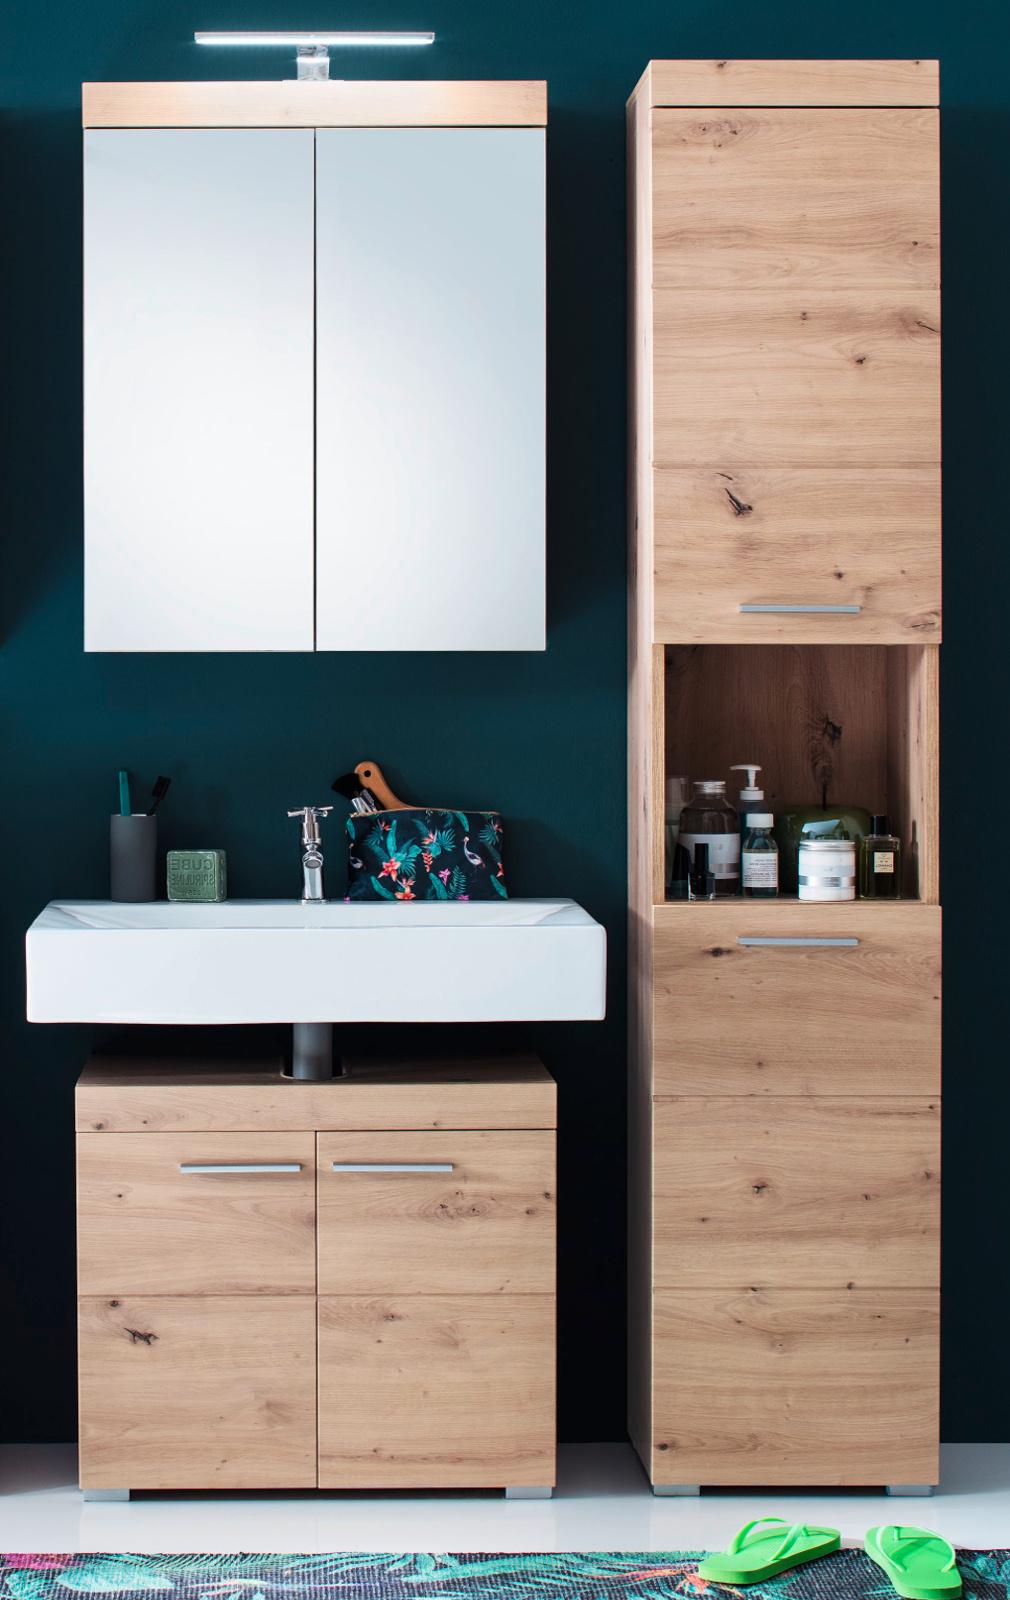 Hochbett Etagenbett Mit Schreibtisch : Hochbett etagenbett schreibtisch weiß mixxi designermöbel